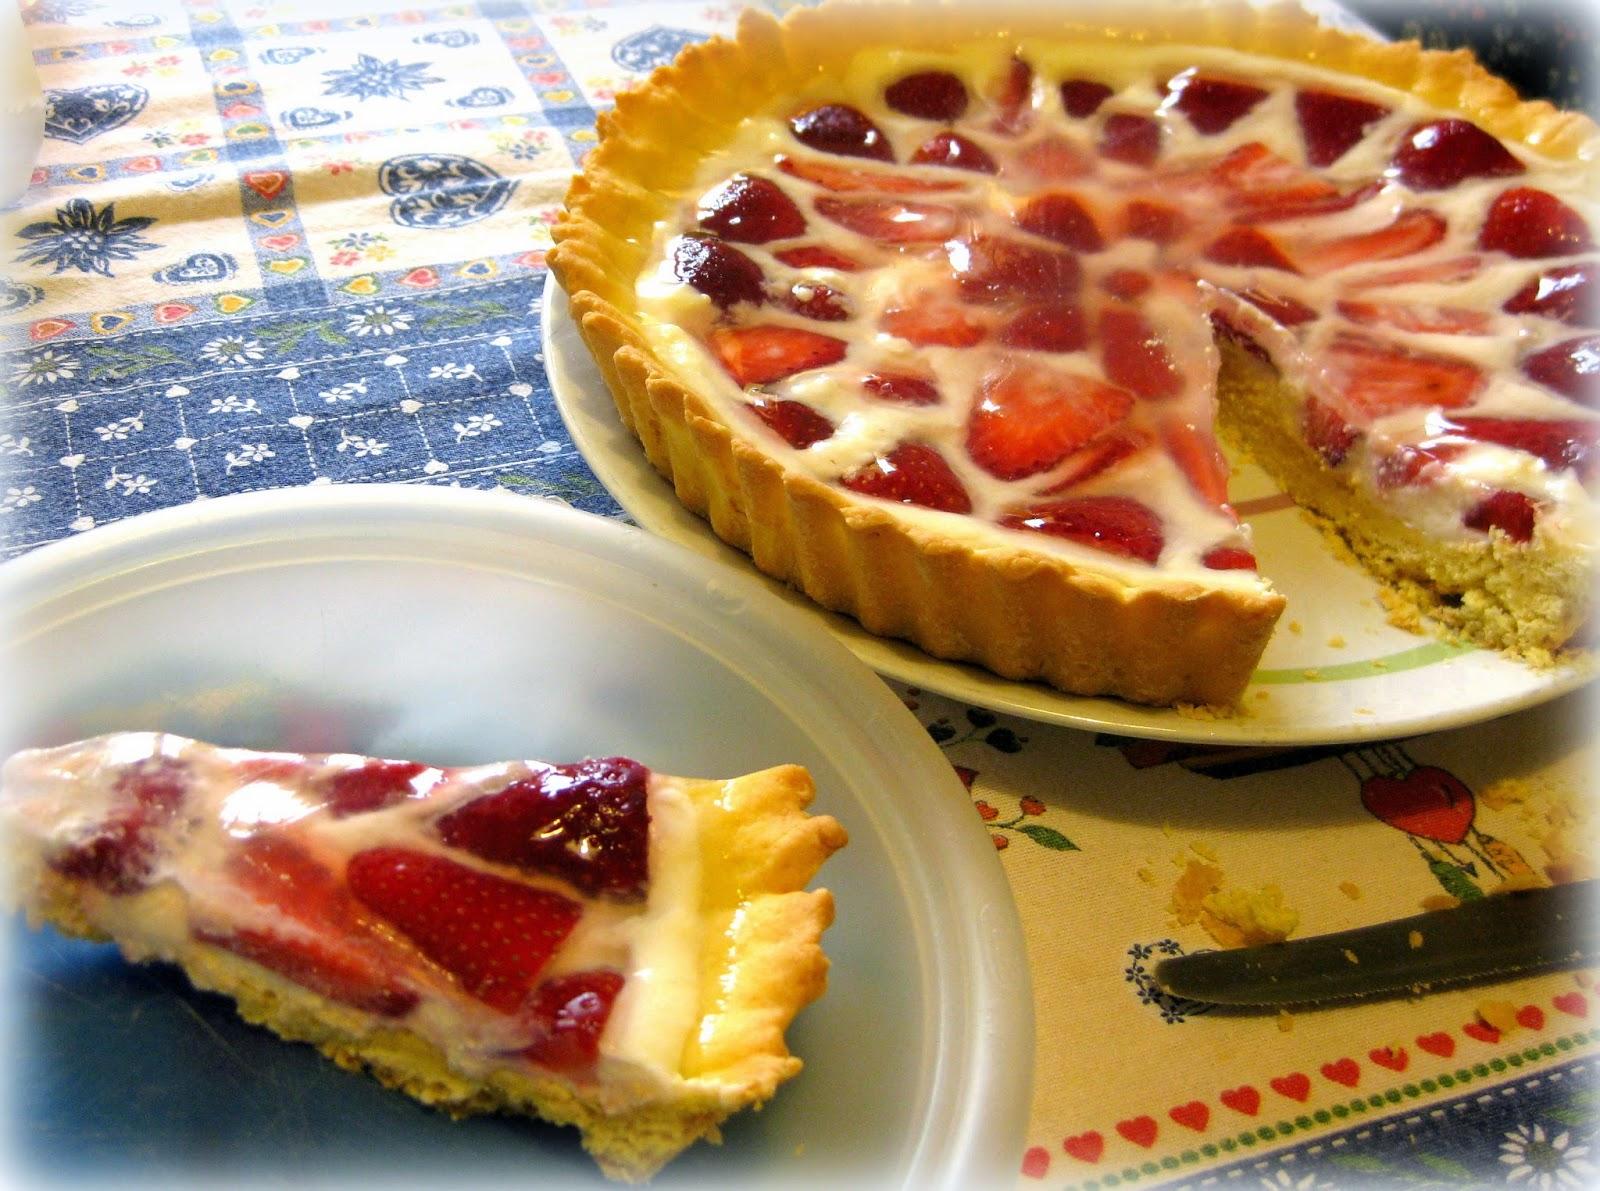 La ricetta della crostata di fragole con crema alla ricotta è un dolce facile da preparare con le fragole di stagione